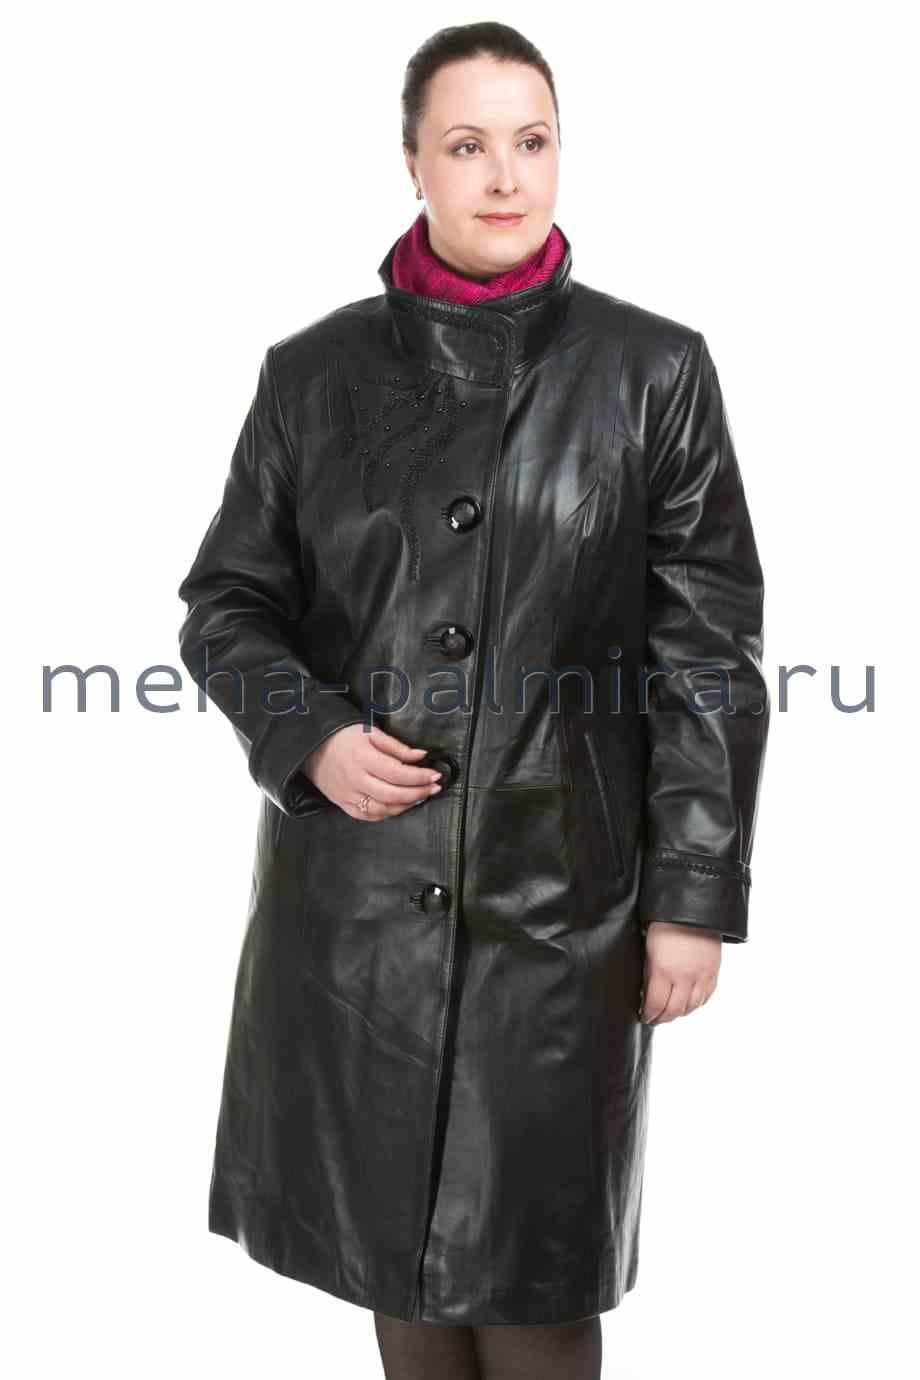 Кожаный плащ на пуговицах черного цвета, большие размеры